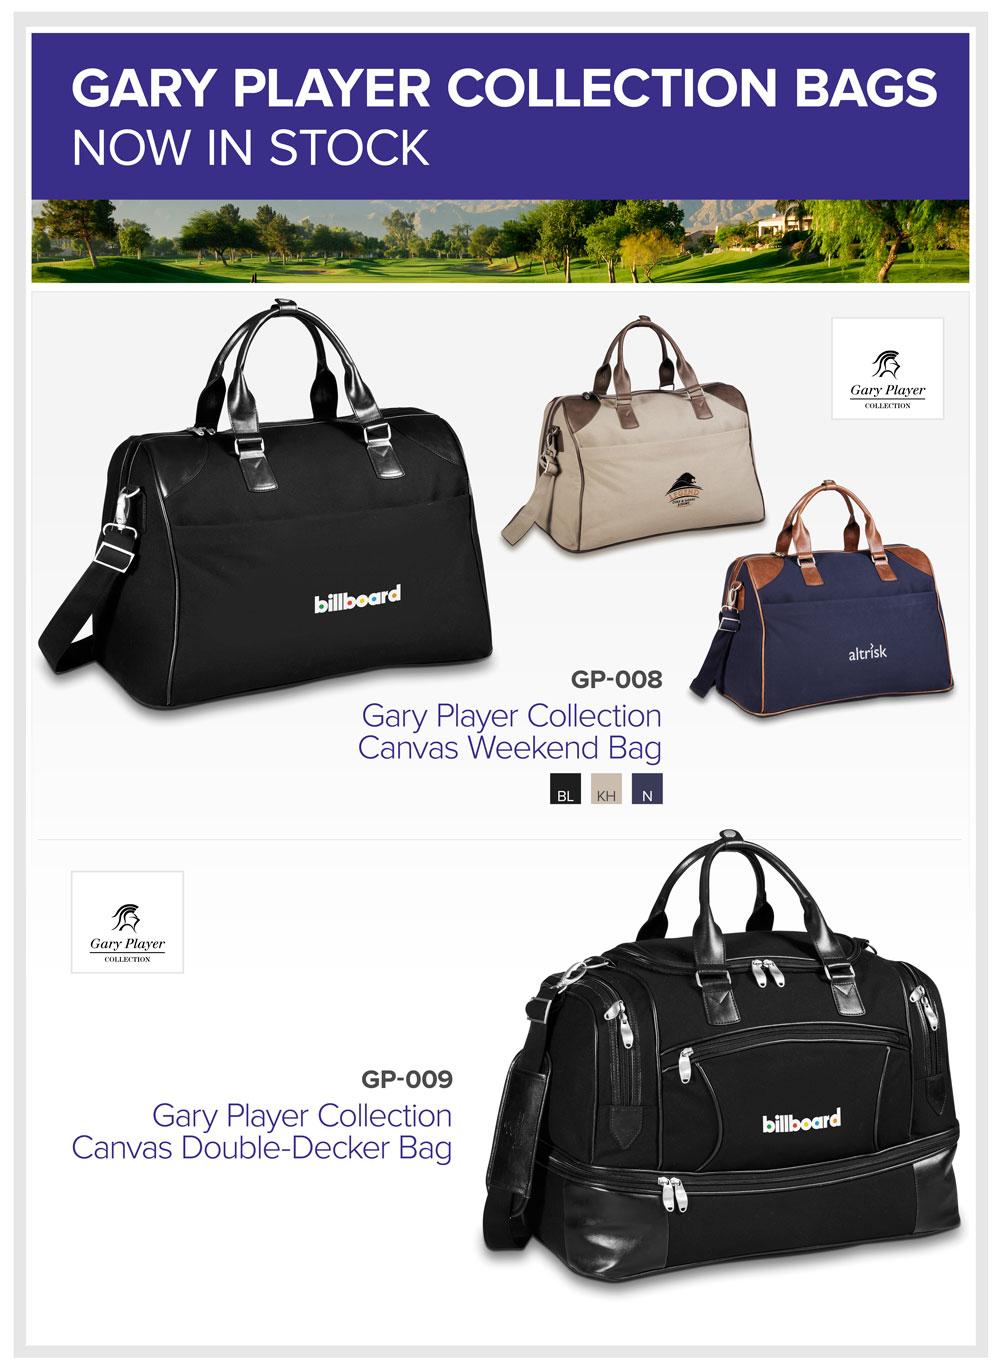 Gary Player Bag Collection